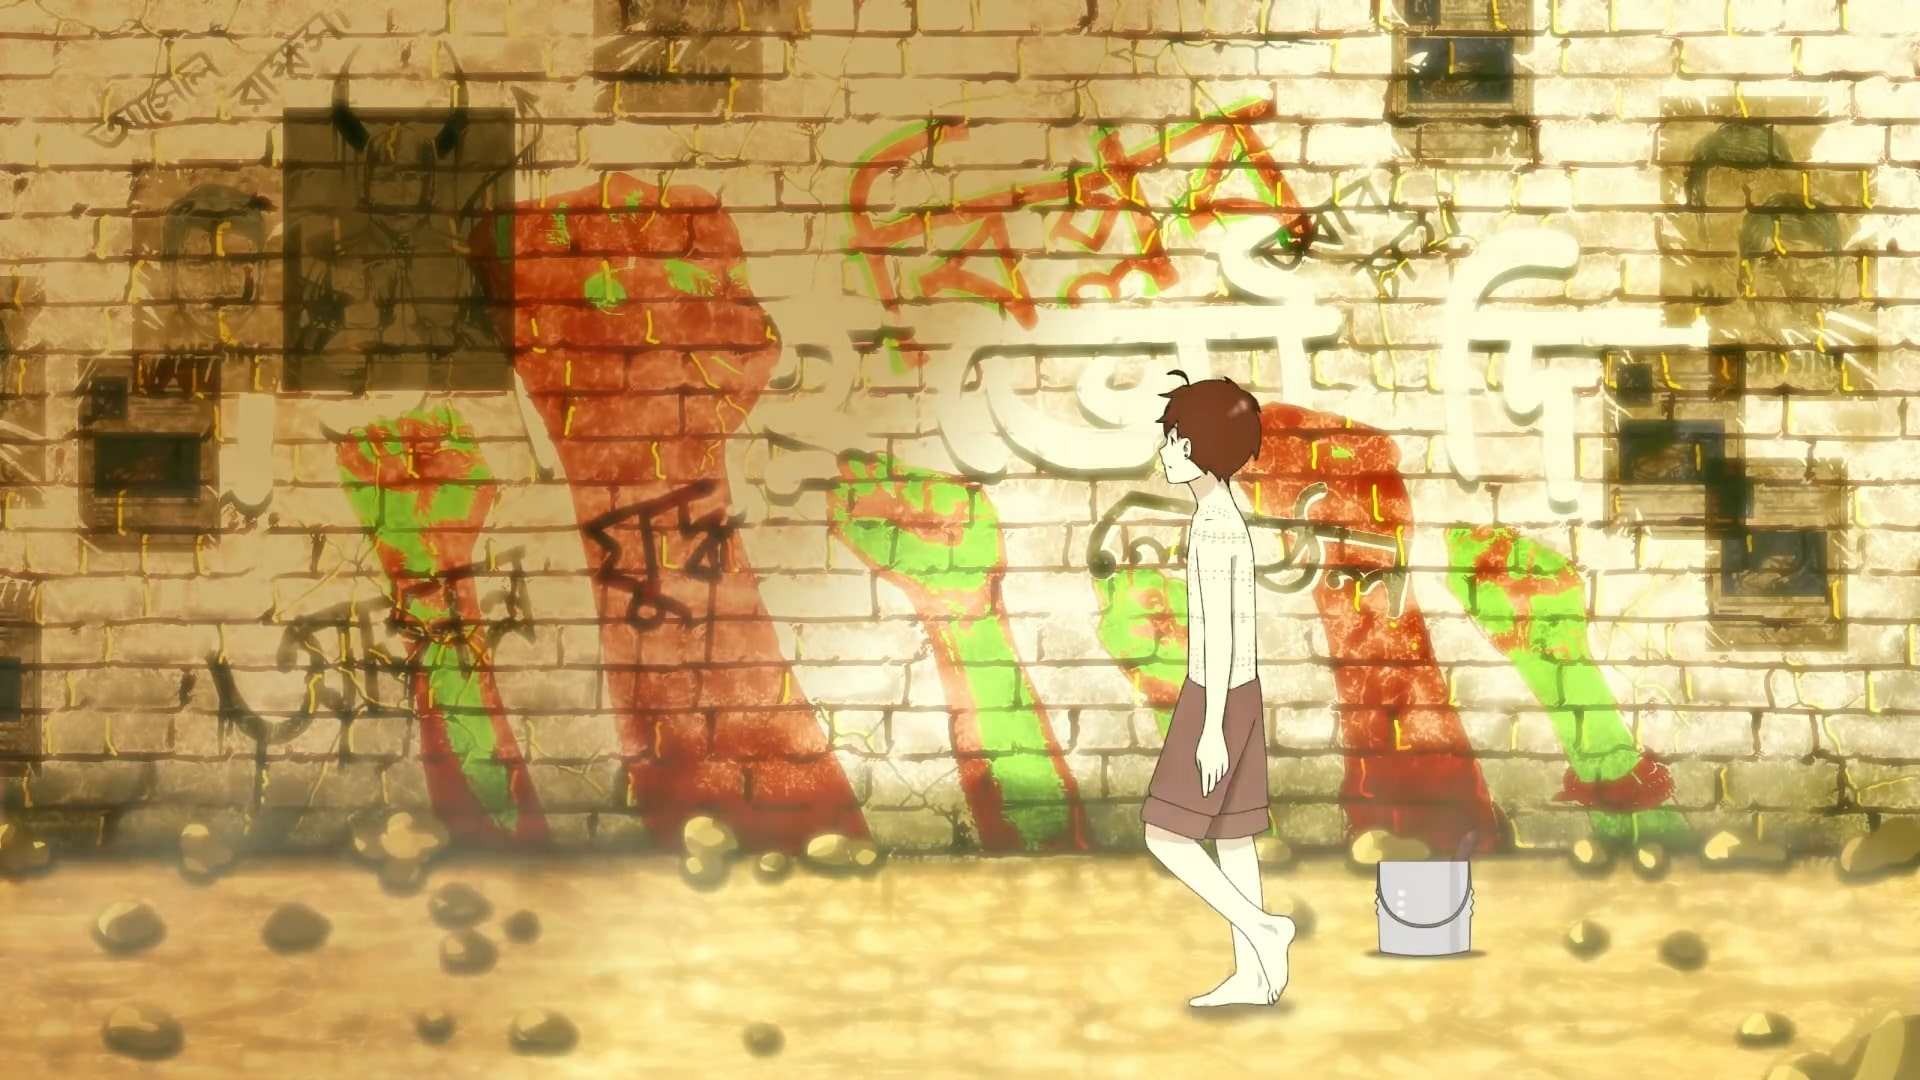 Boy stares at graffiti on a wall